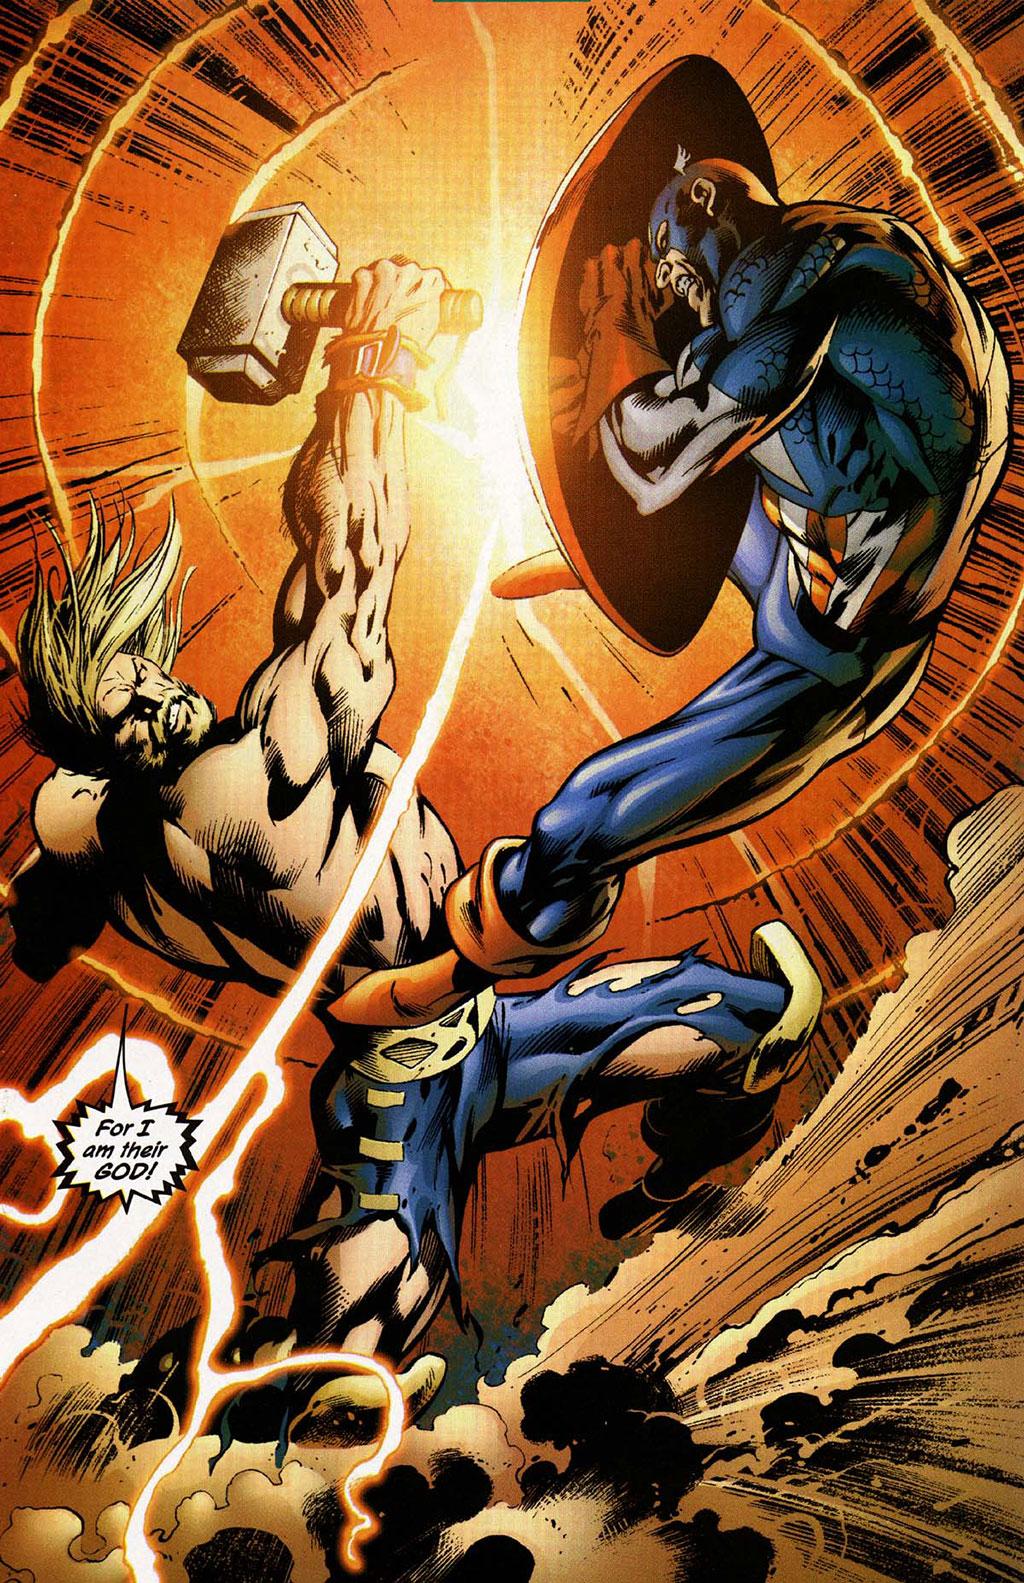 Thor vs Capitão América